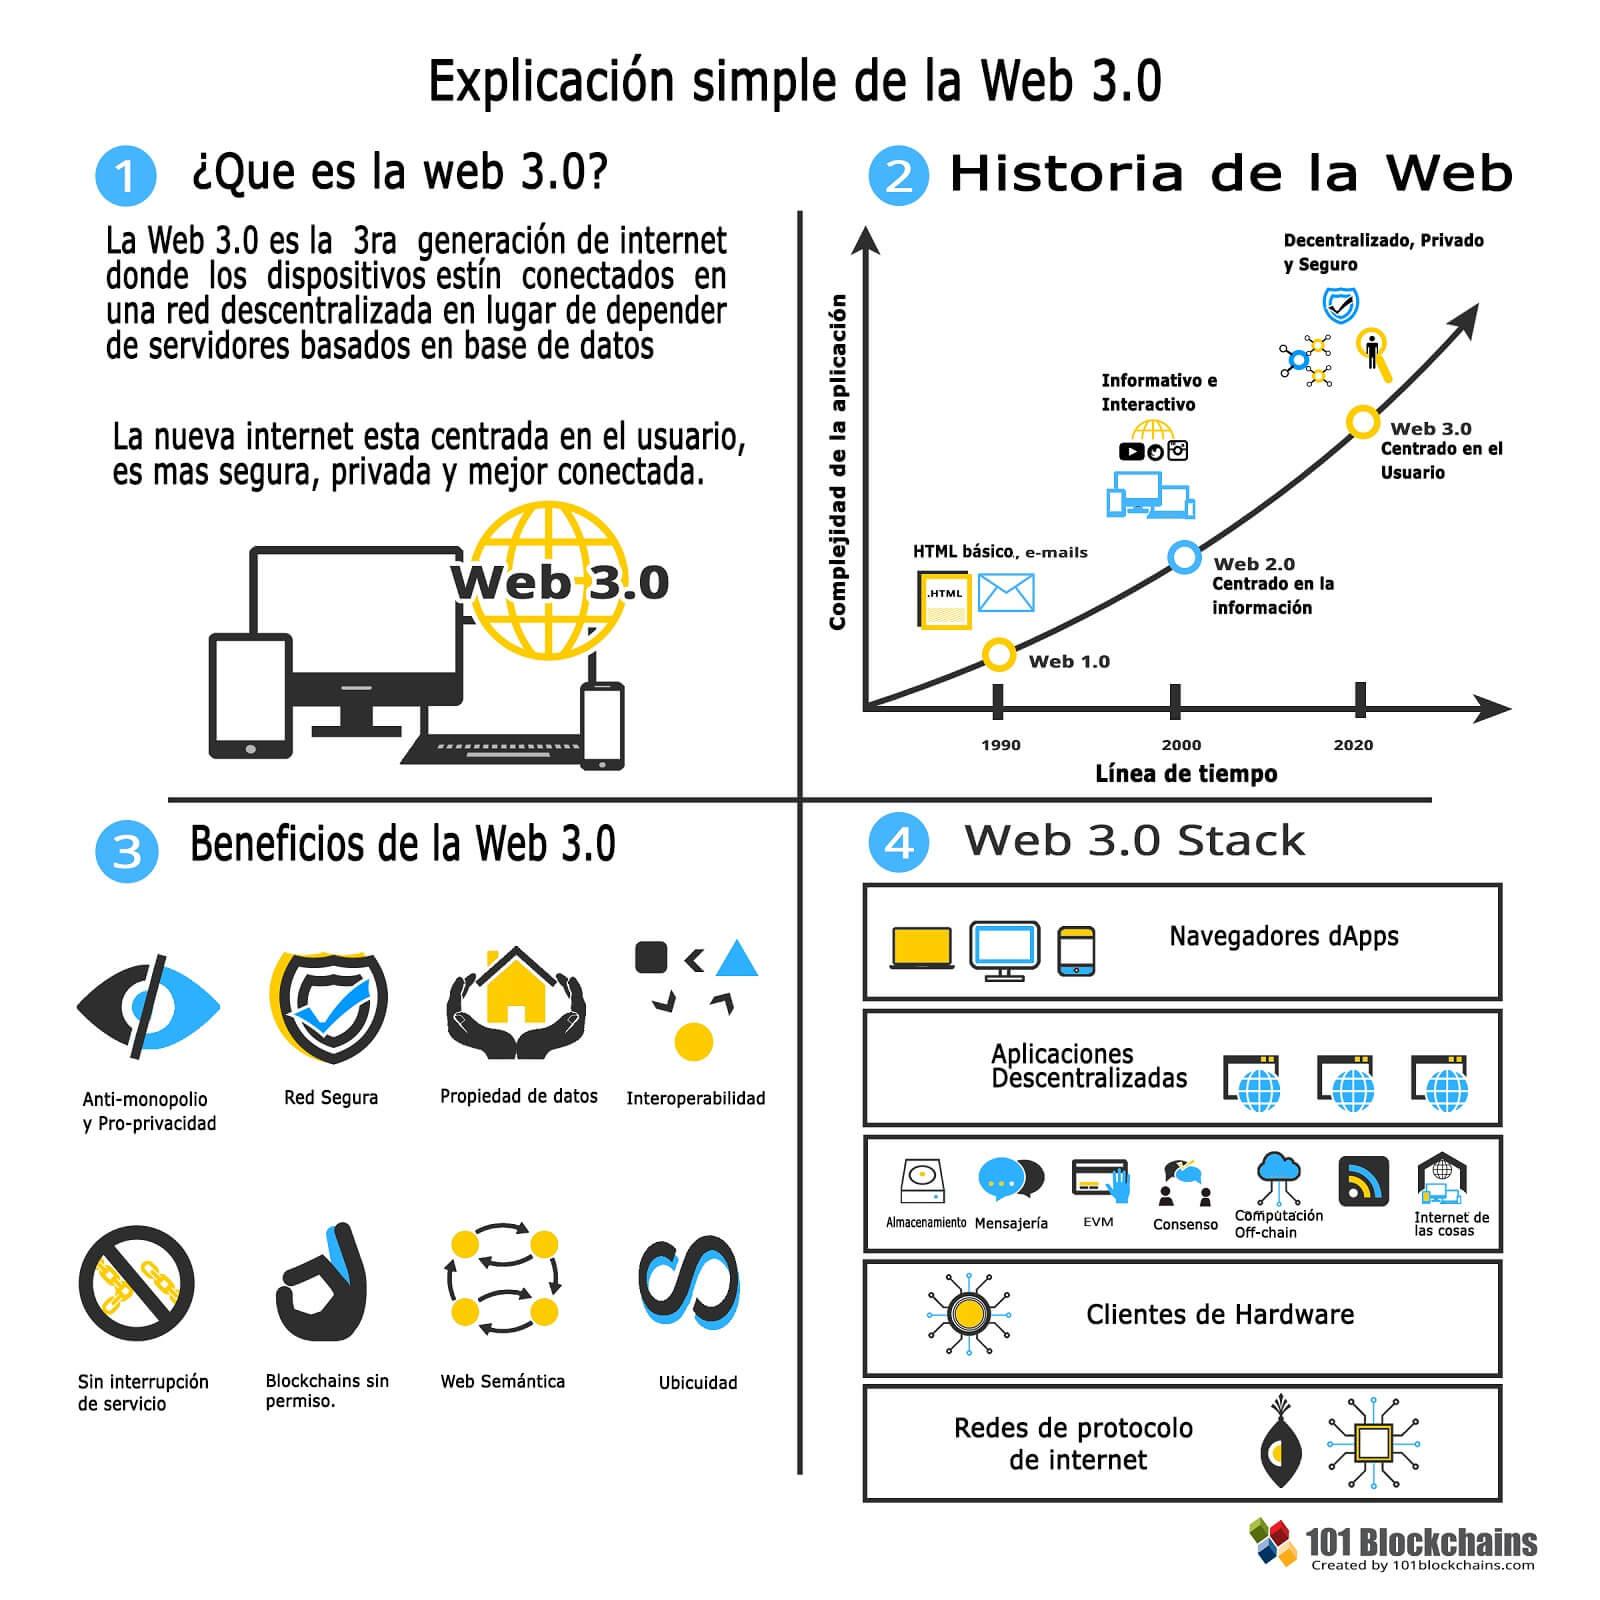 ¿Que es la web 3.0? La web Semántica y descentralizada.